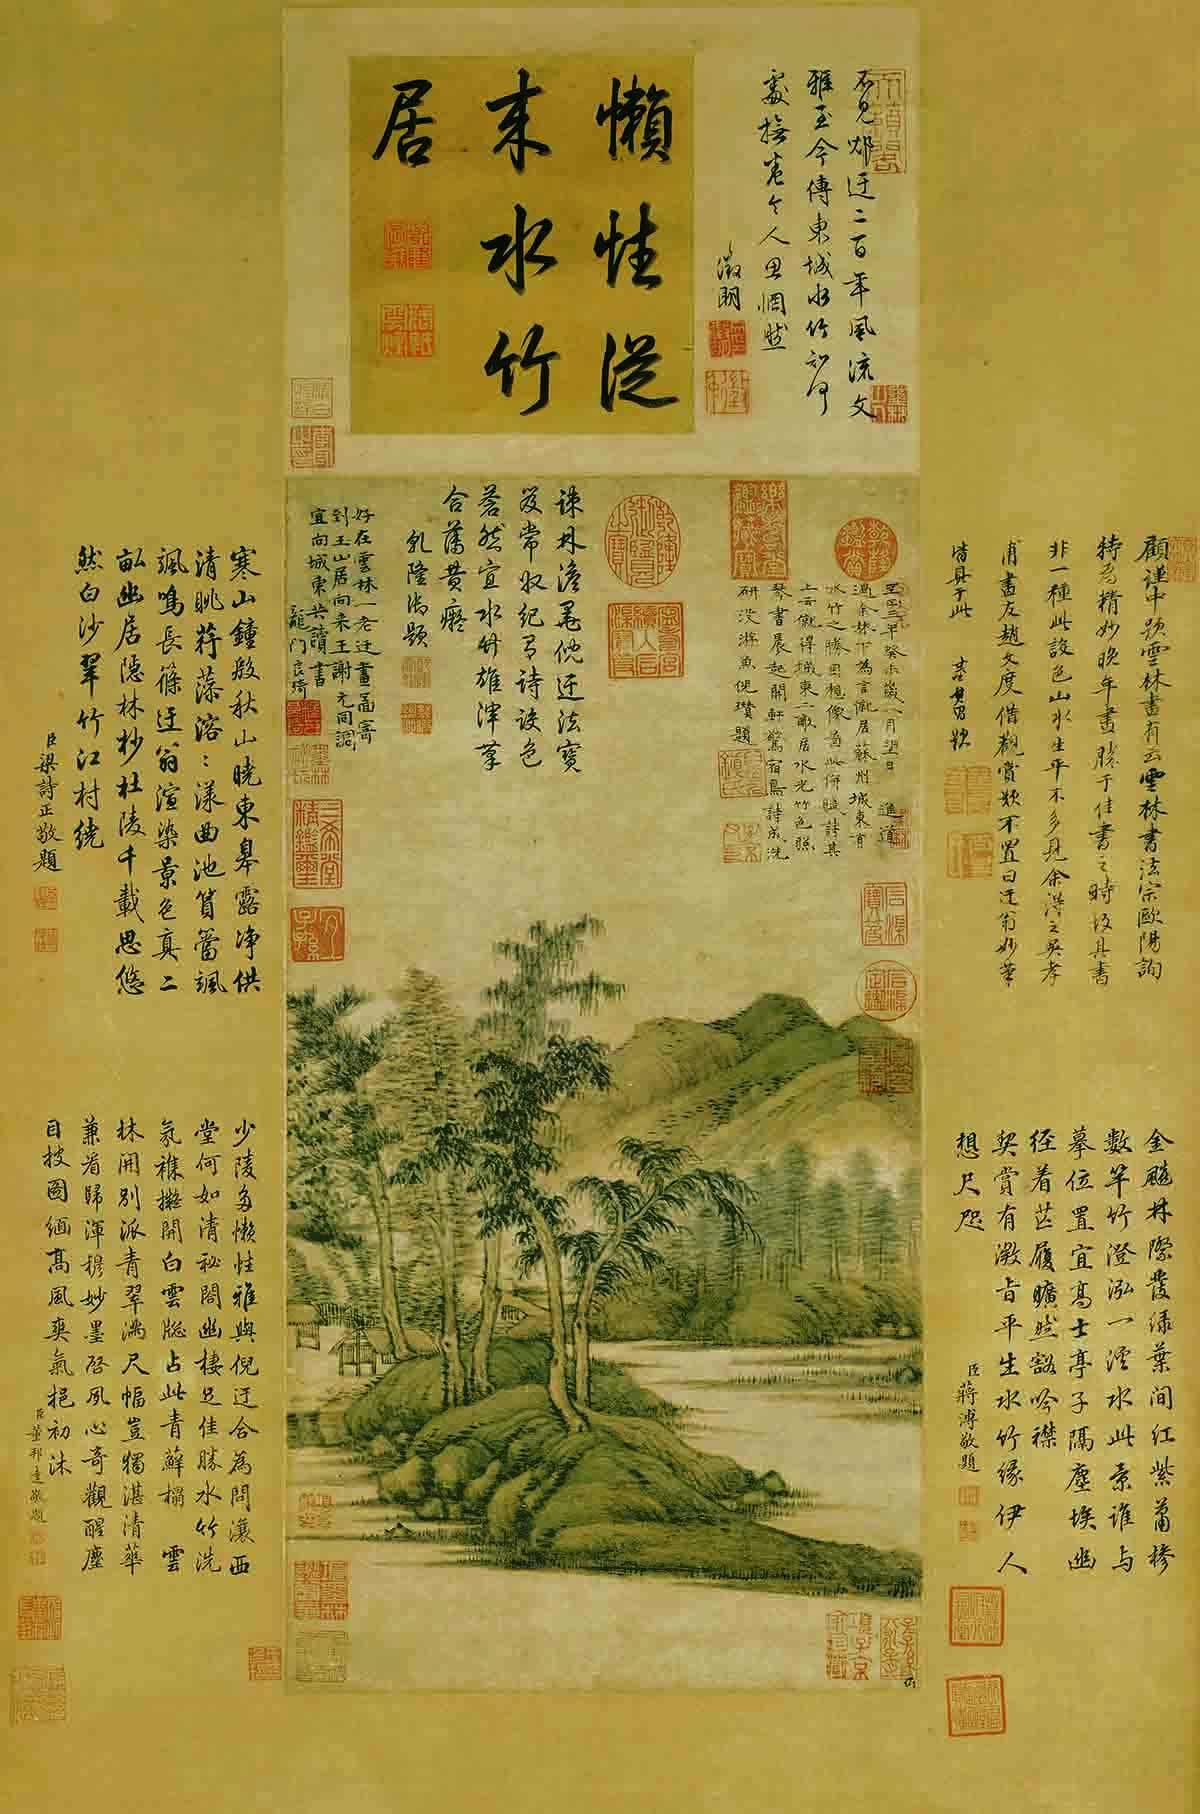 倪瓒-水竹居图-28x48